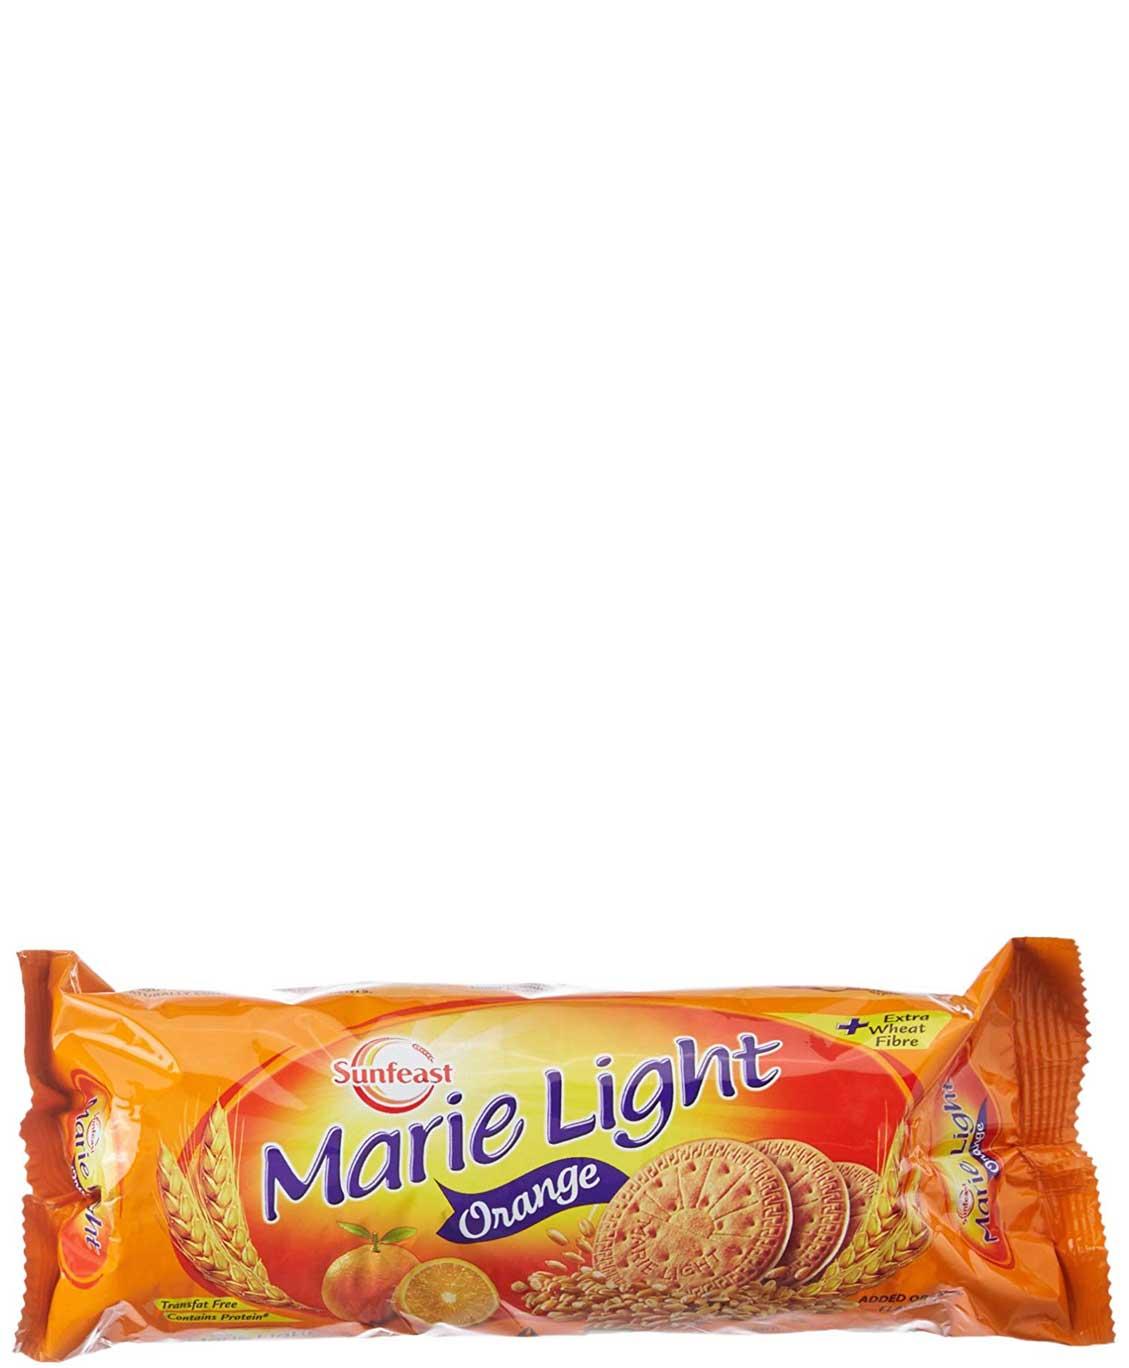 Sunfeast Marie Light Orange 120 g